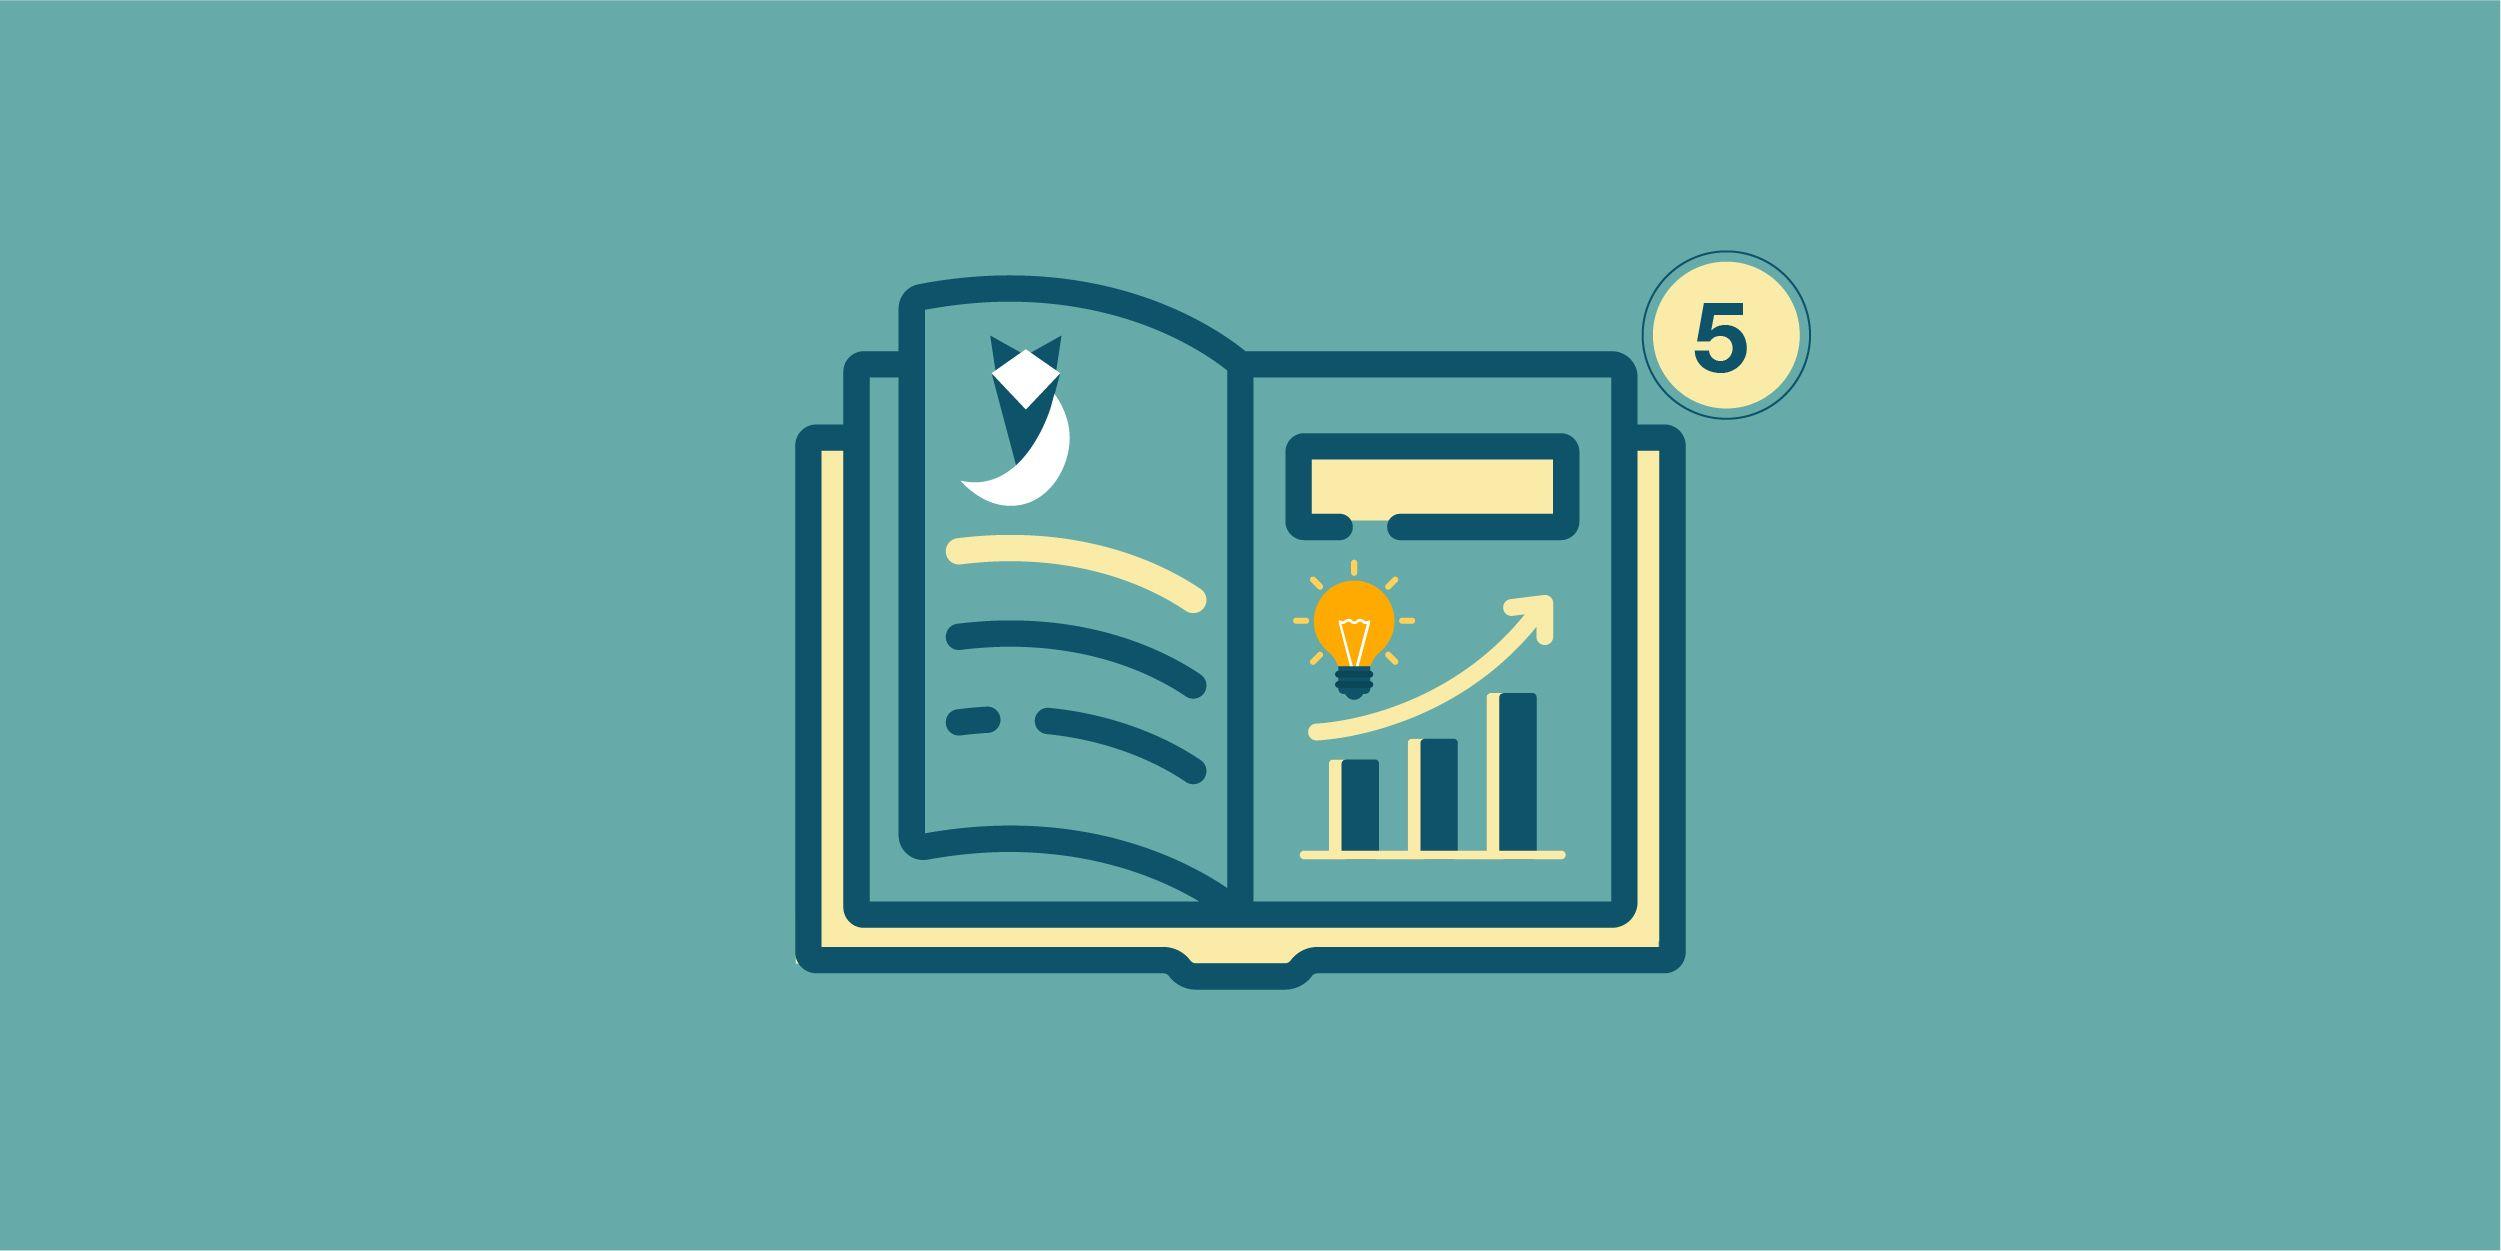 5 كتب عن الاستثمار هيساعدوك تاخد أول خطوة في مشوارك